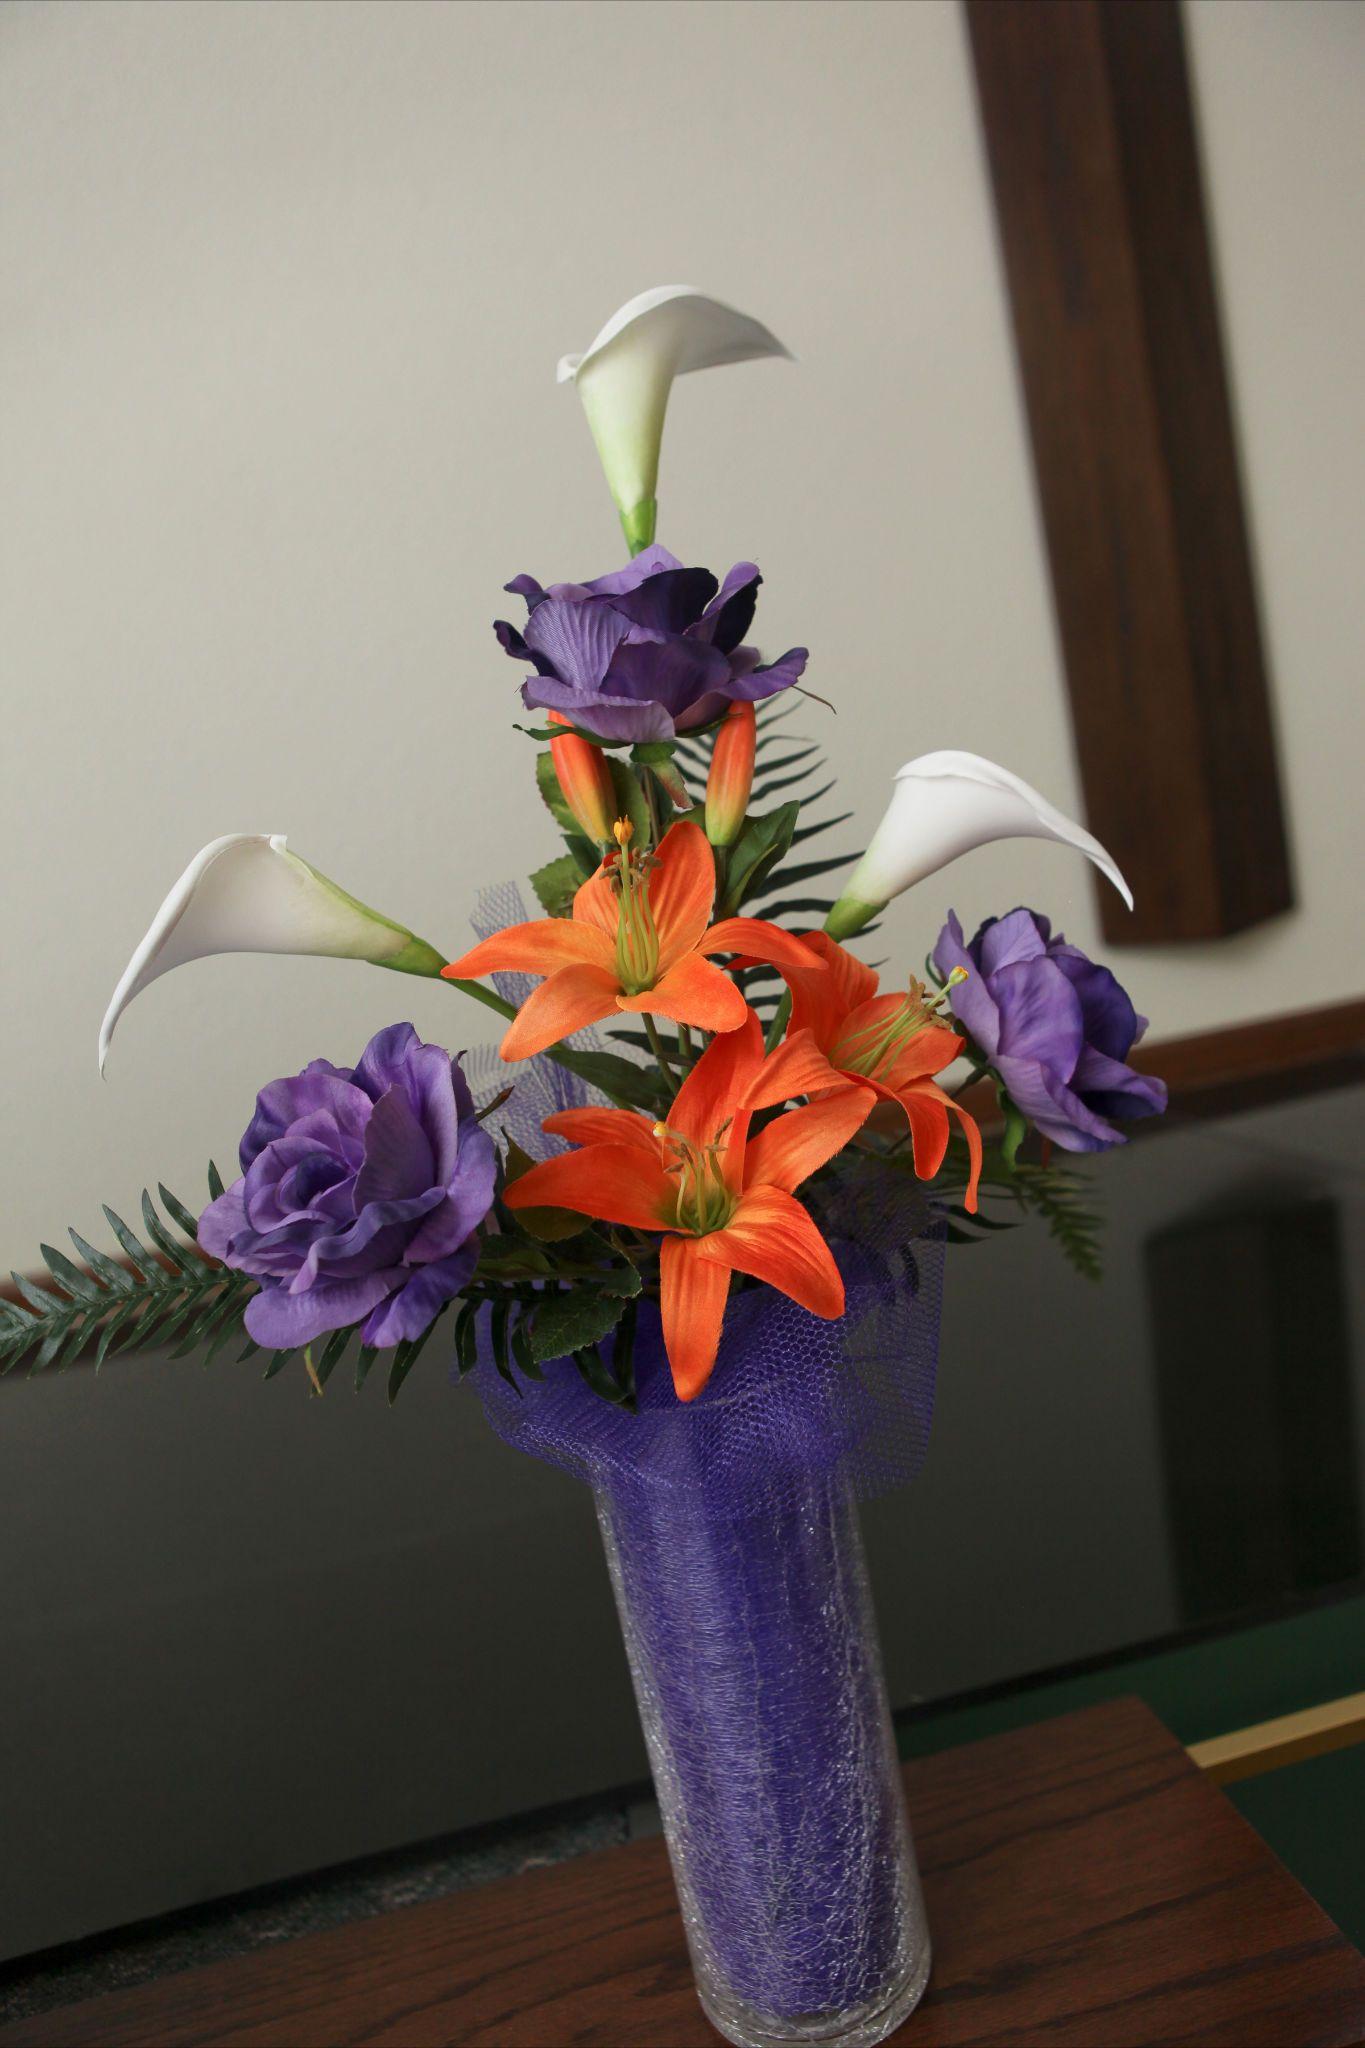 Alter arrangement orange tiger lily